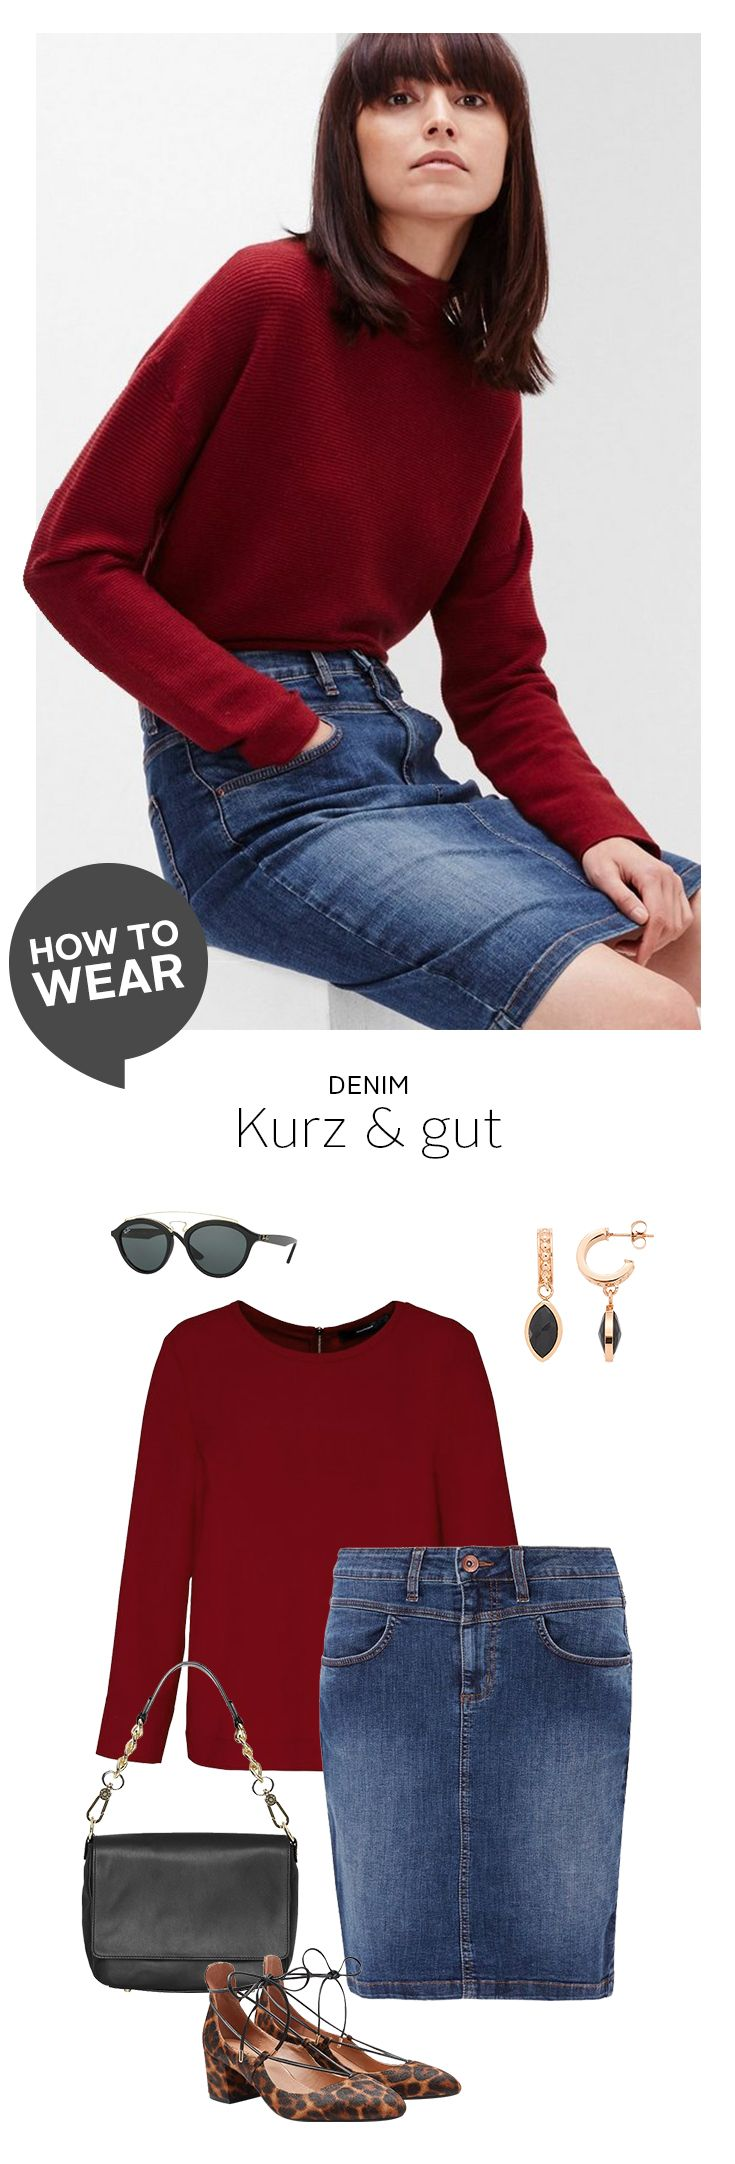 Wer High-Waist-Jeans mag, wird High-Waist-Jeansröcke lieben! Als echte Kombinationswunder machen sie einfach immer eine gute Figur, erlauben herrliche Farbkontraste mit satten Rot- oder Pastelltönen und sind wie gemacht für auffällige Schuhe wie die Leo-Dolly-Pumps zum Schnüren.